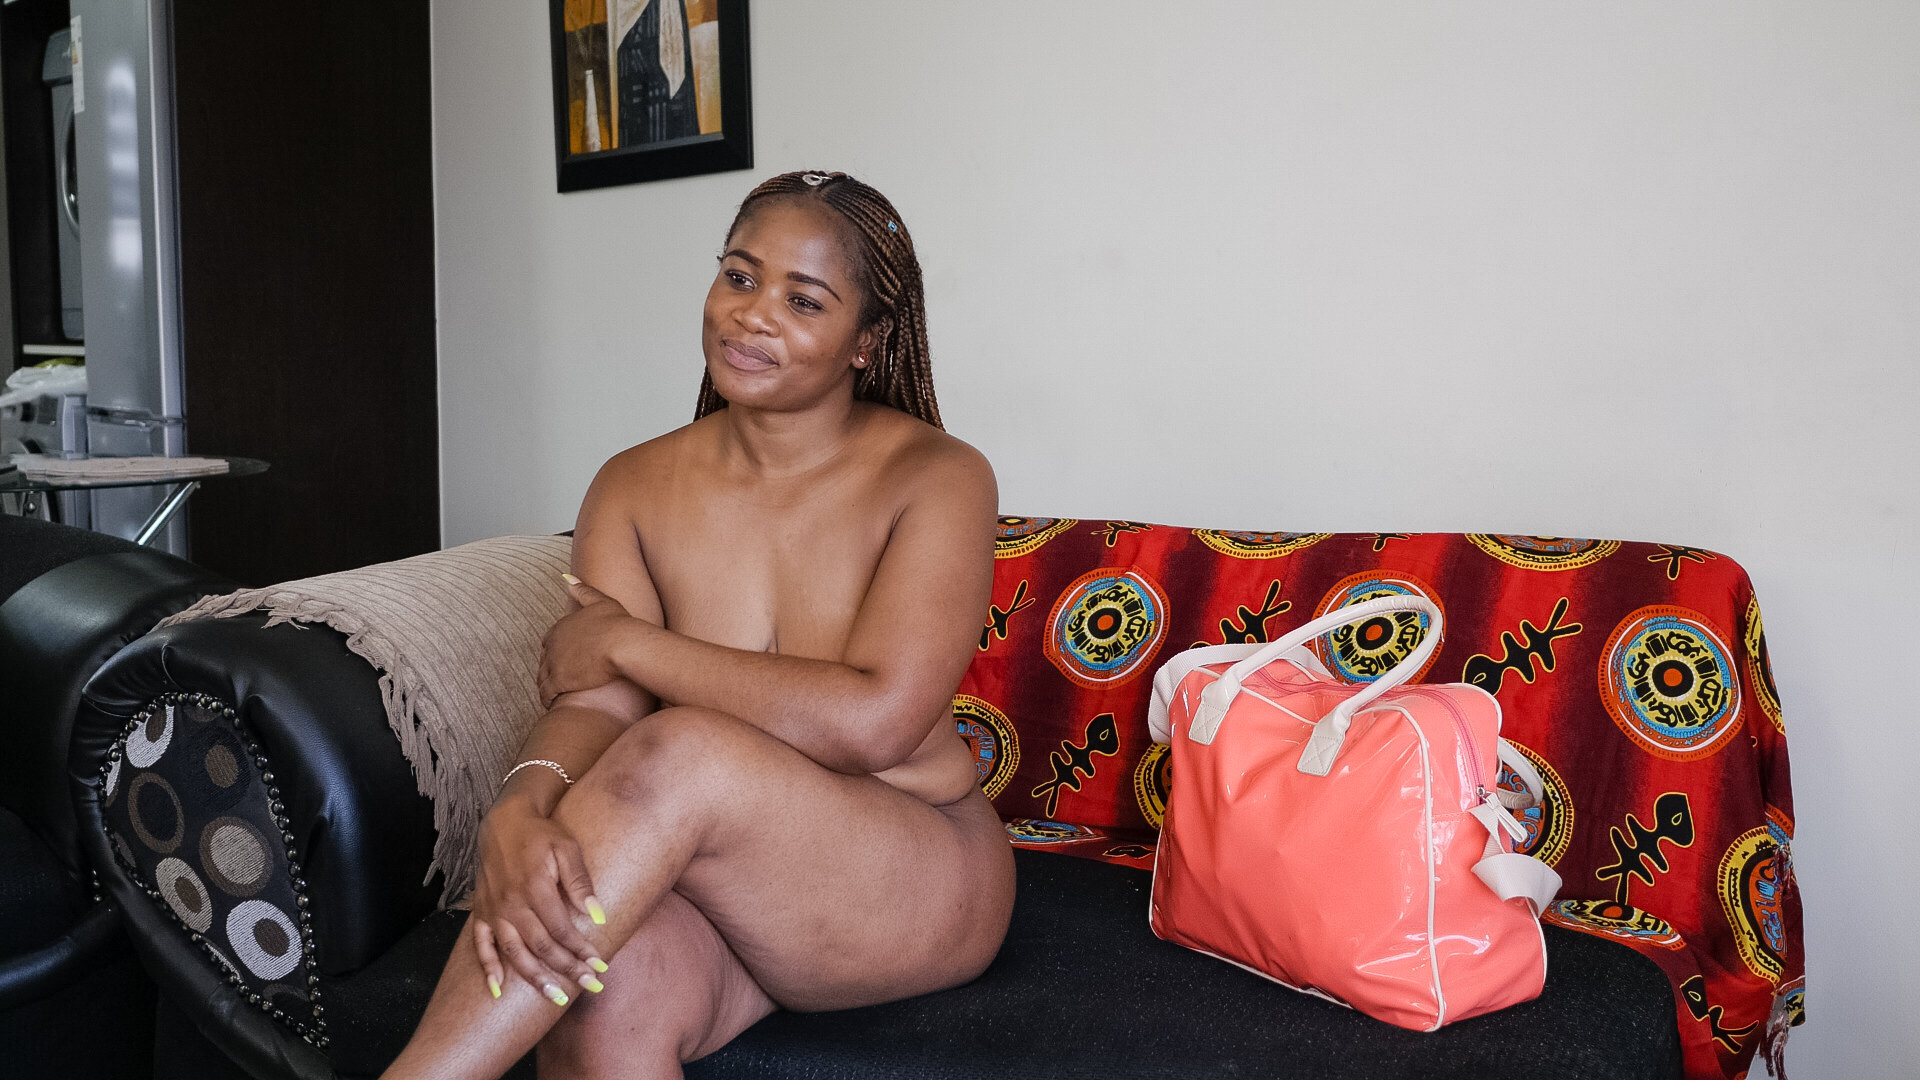 Black lesbians in philadelphia orgy